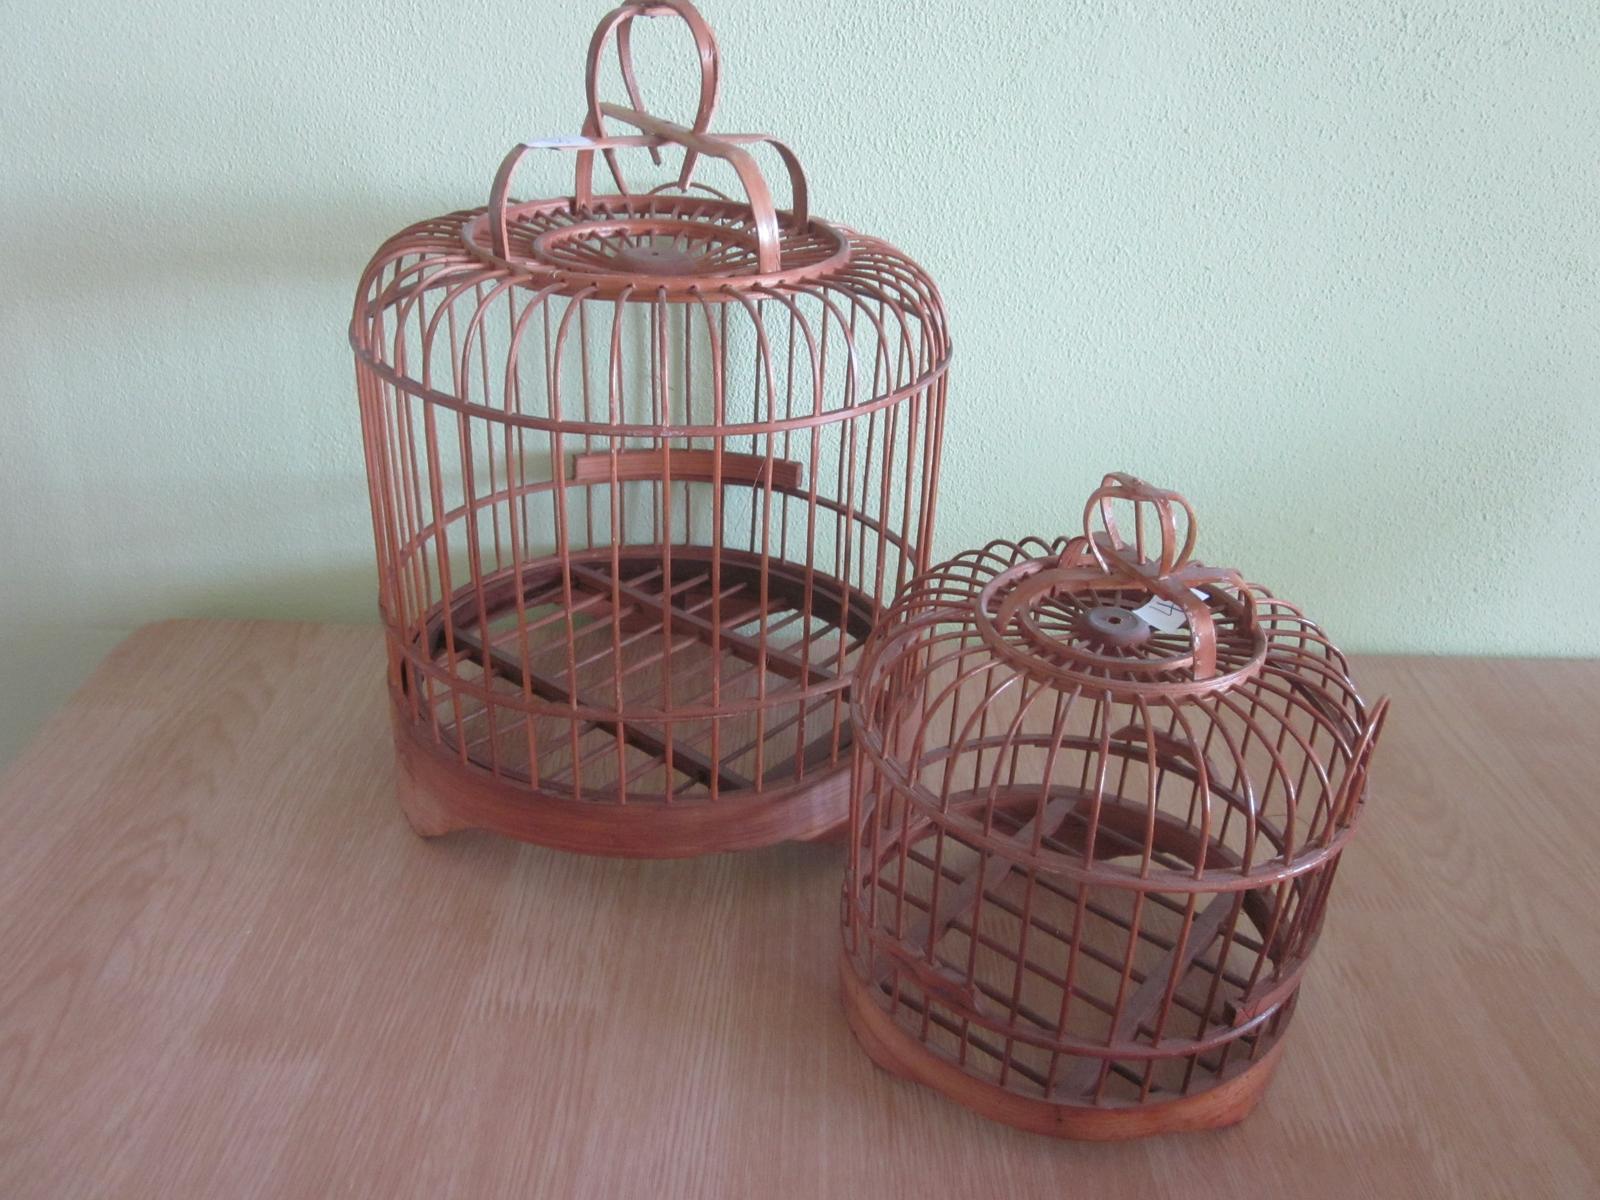 Moje výtvory - Proutěné klece za pár kaček...